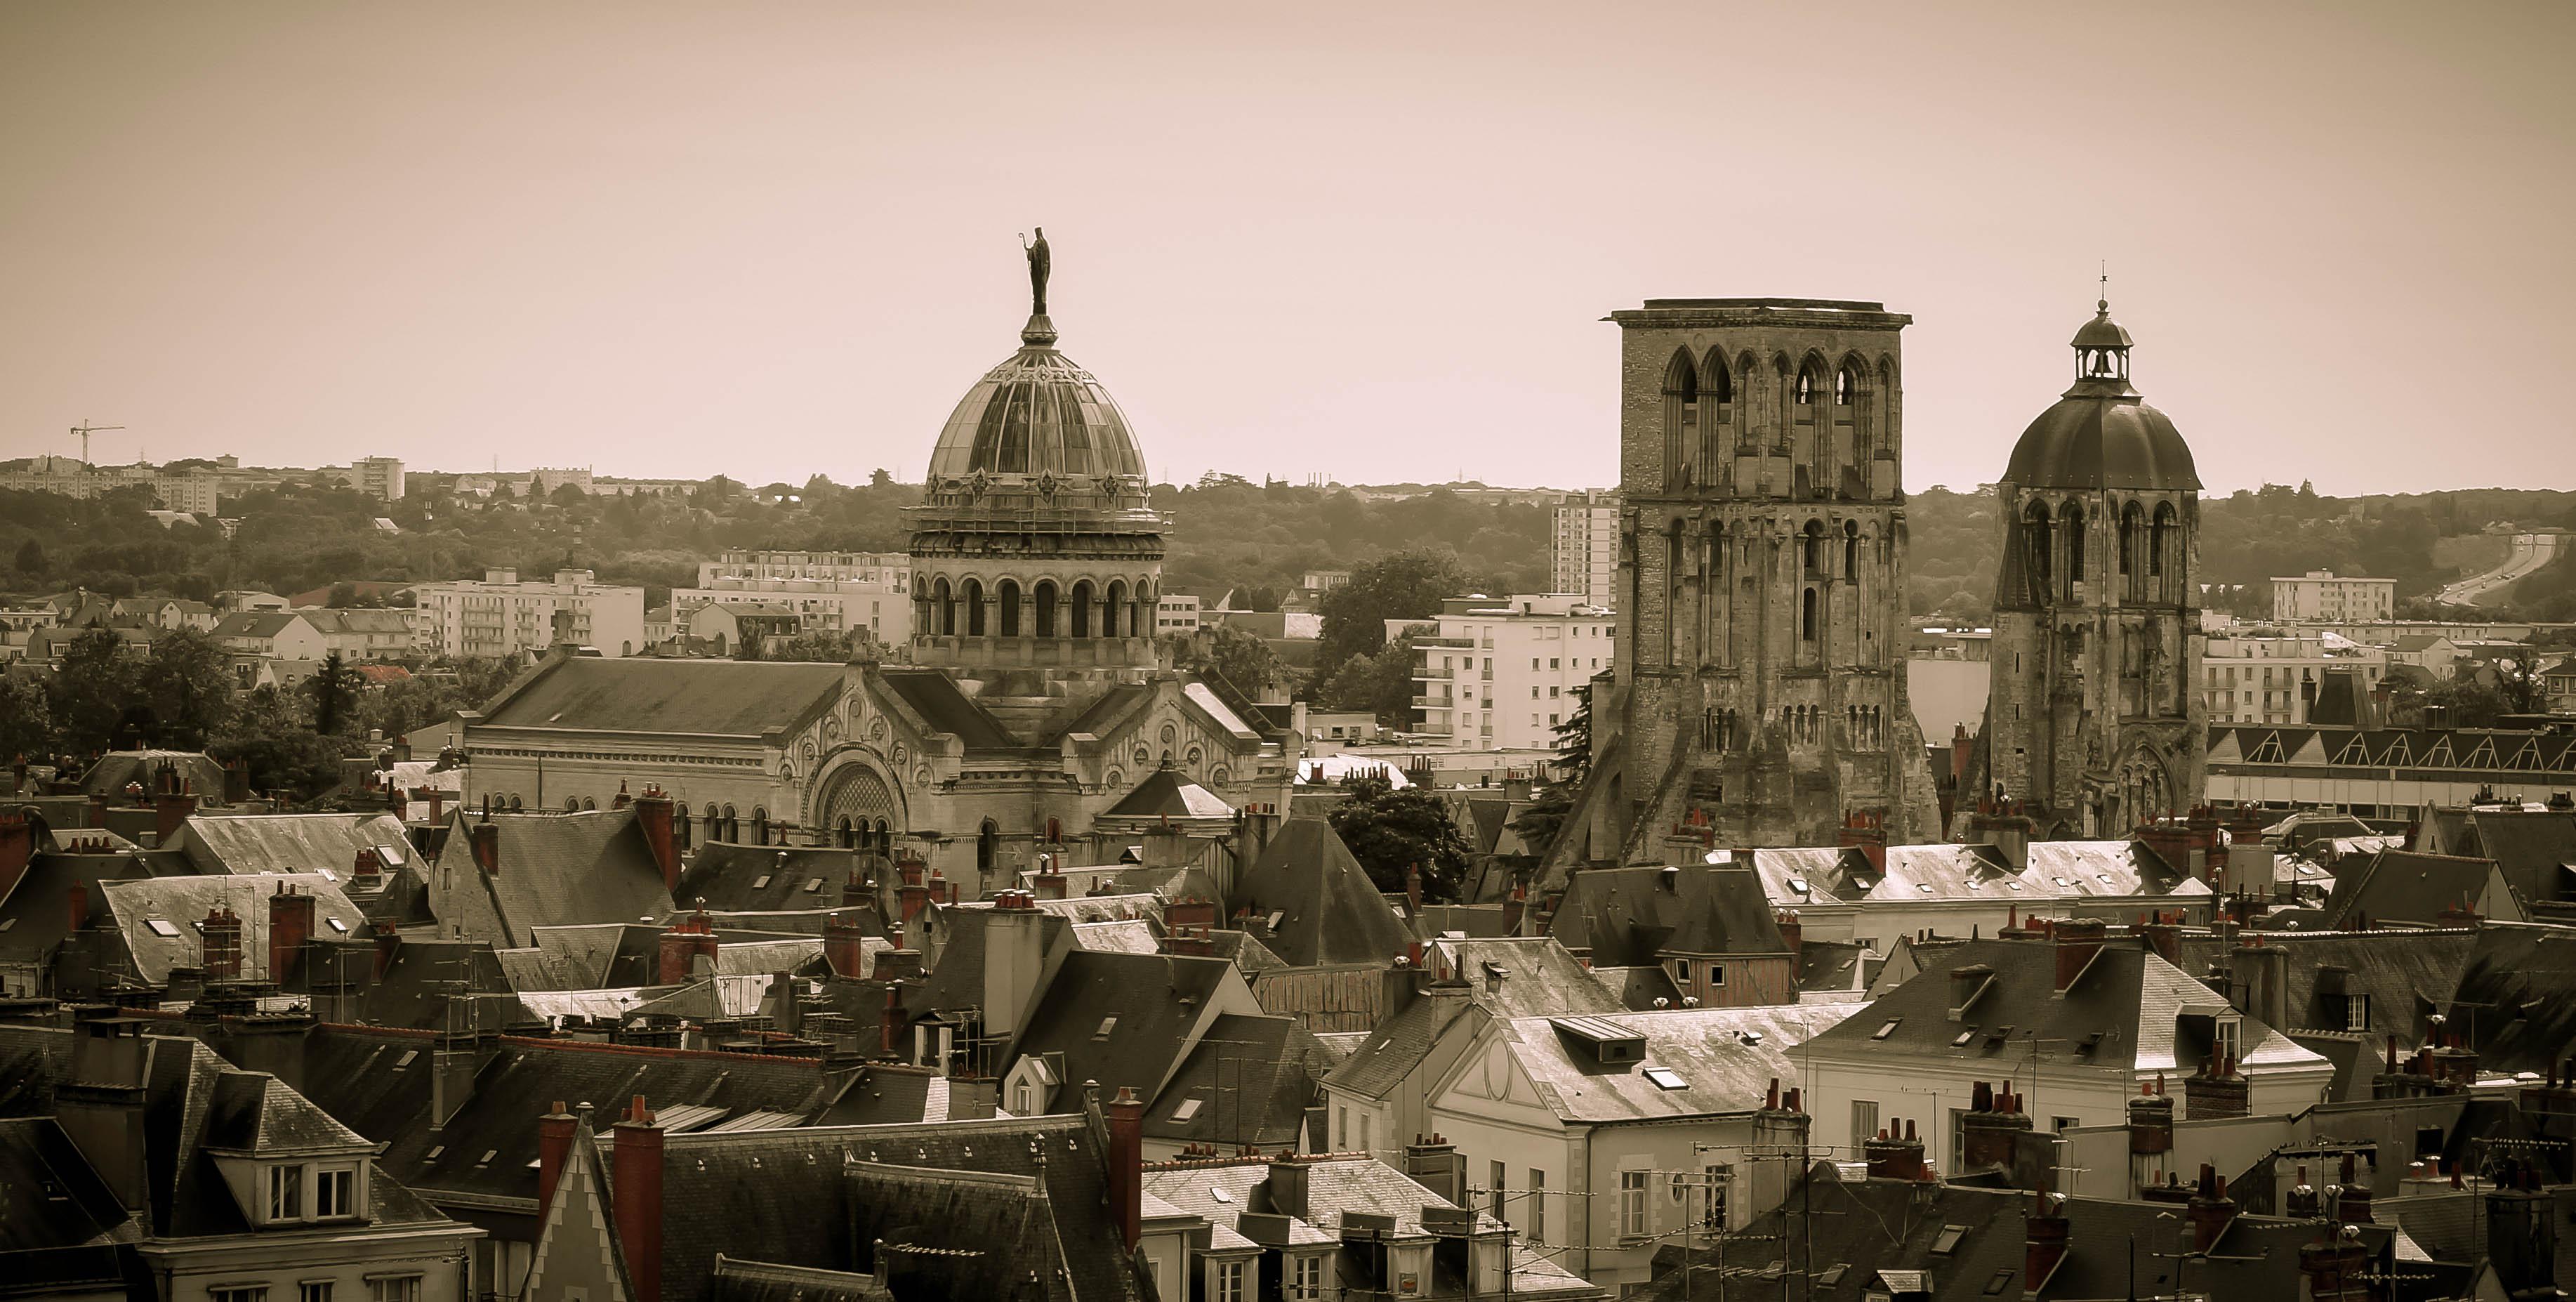 Az egykori katedrális tornya és az új bazilika a városban